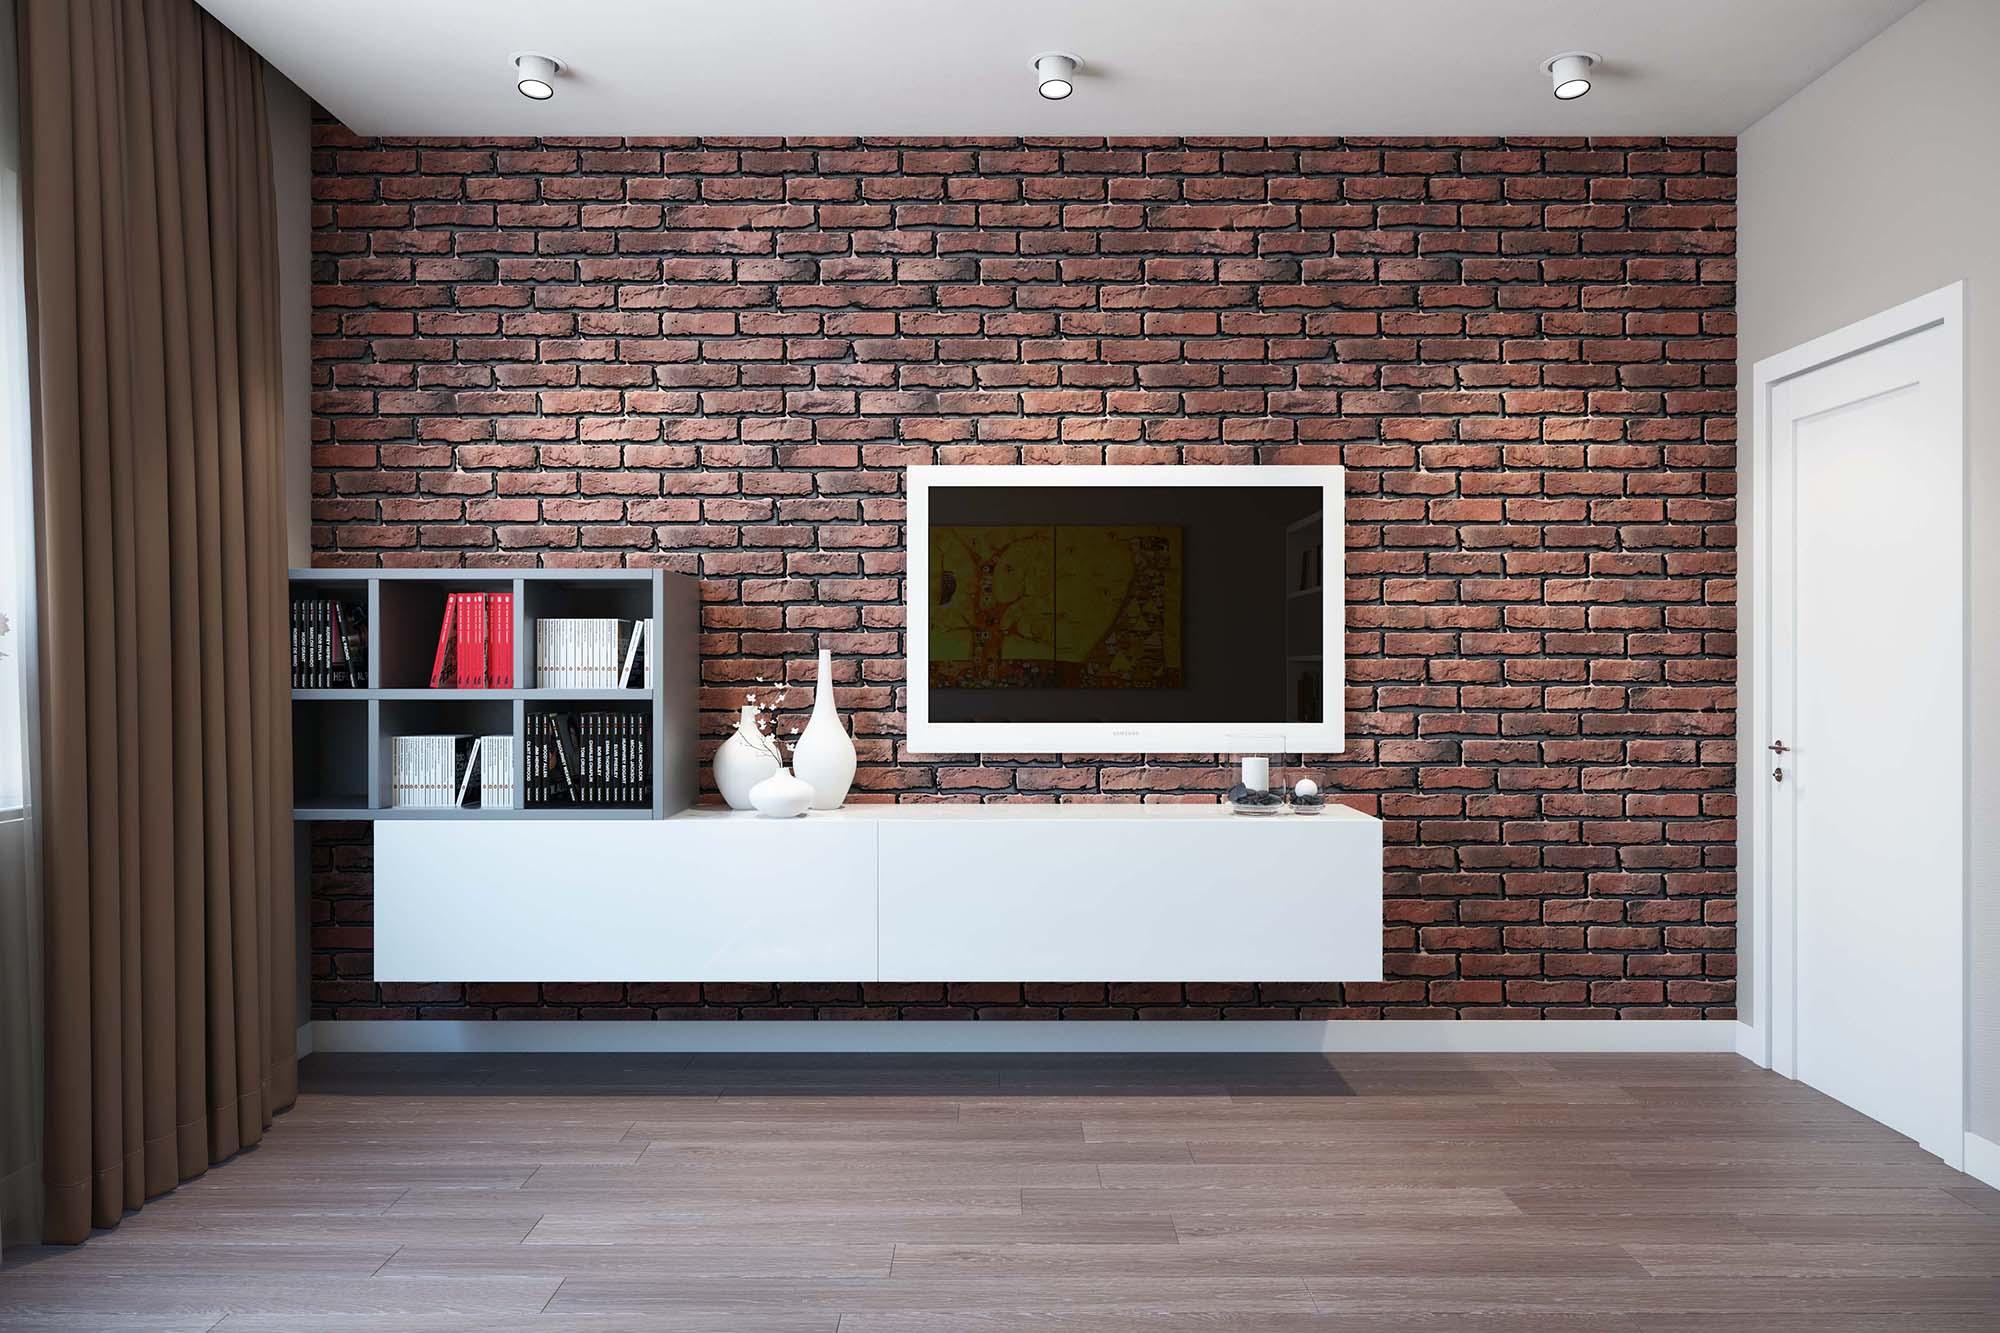 фото комнаты с обоями в виде кирпичей роль место